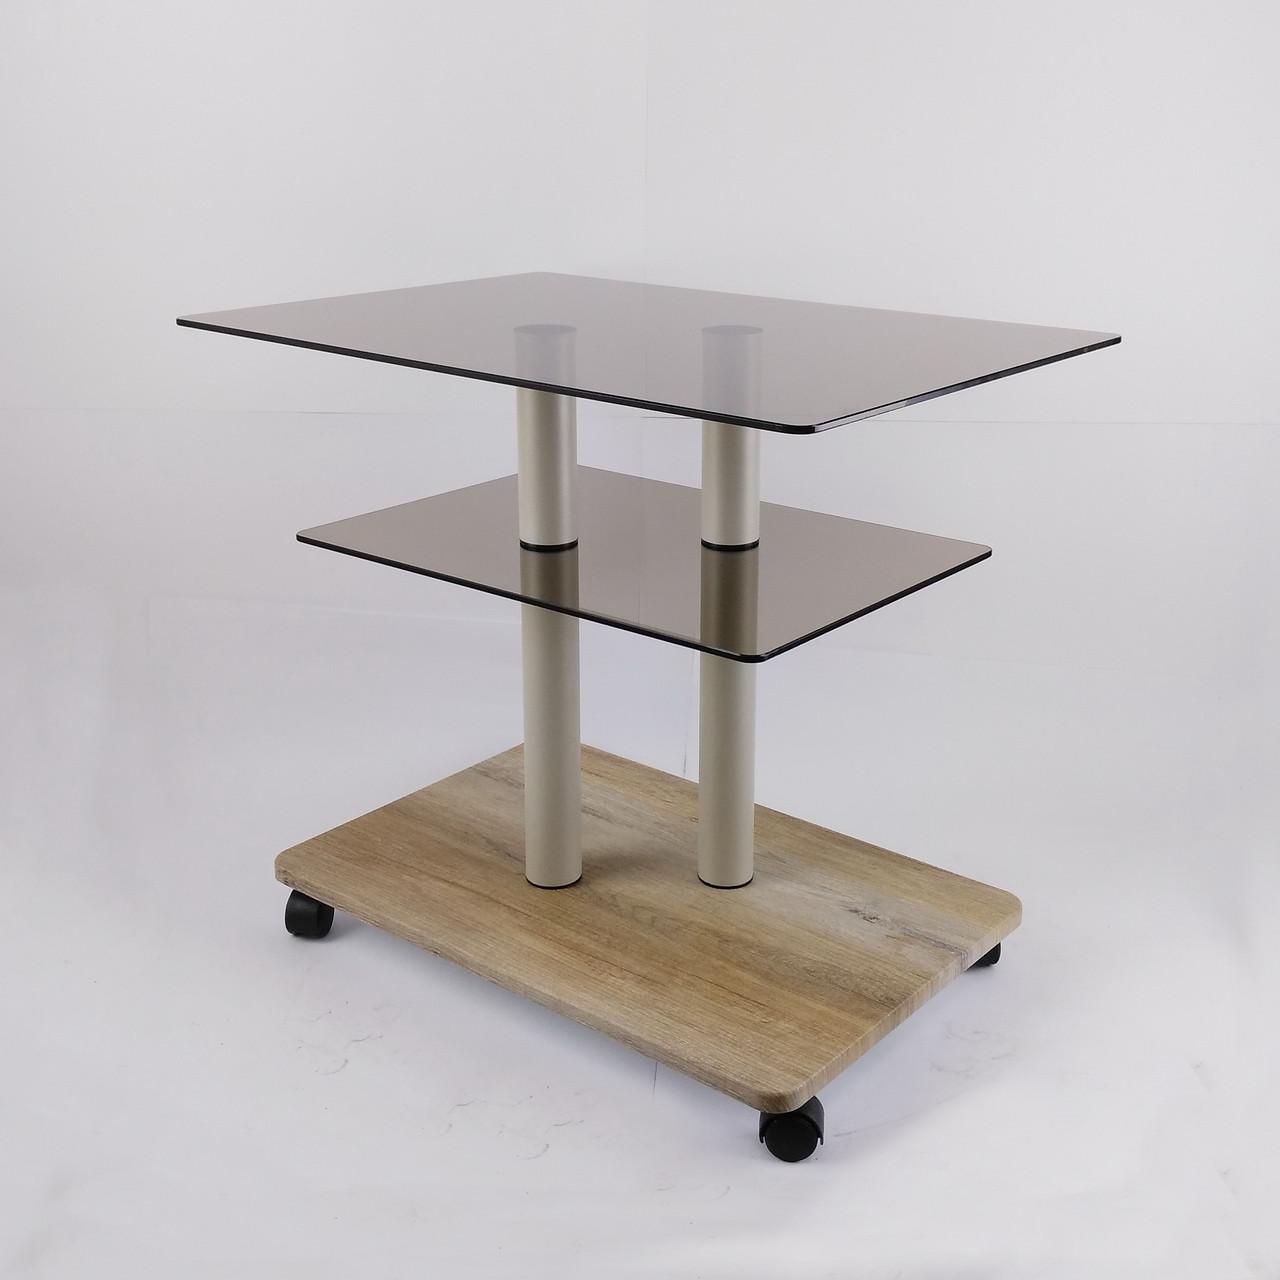 Стол журнальный стеклянный прямоугольный Commus Bravo Light P6 bronza-sequoia-2bgs50